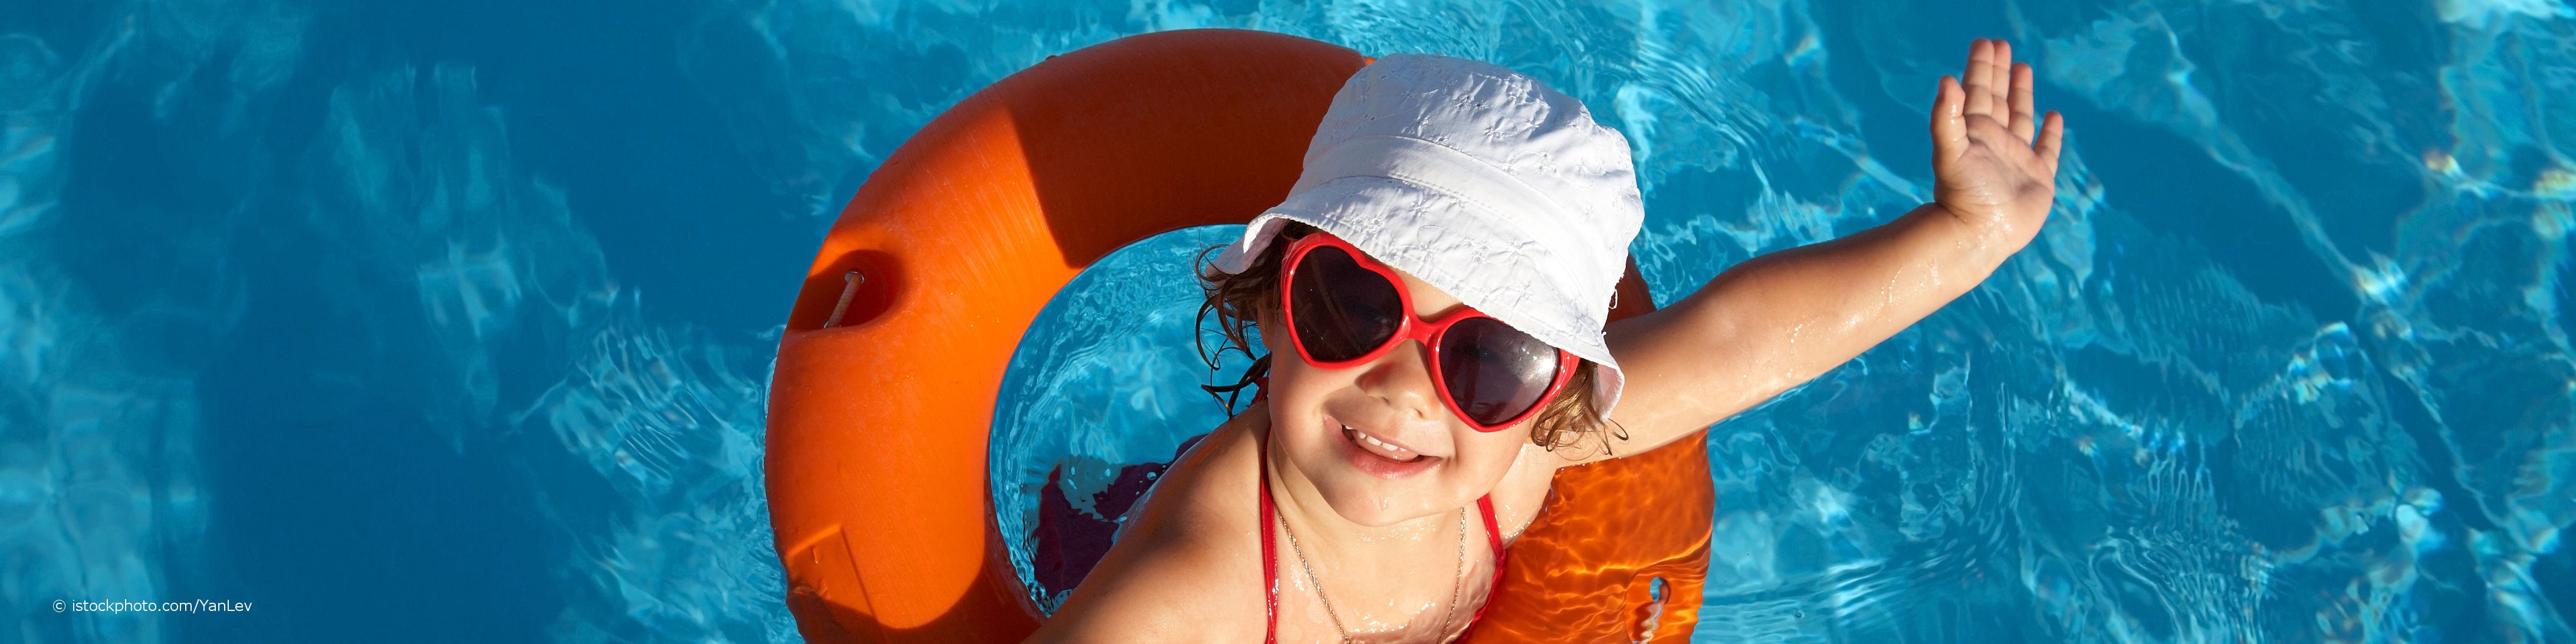 Kind trägt eine Sonnenbrille mit UV-Schutz, einen Hut und einen Schwimmreifen und winkt aus dem Wasser im Schwimmbad